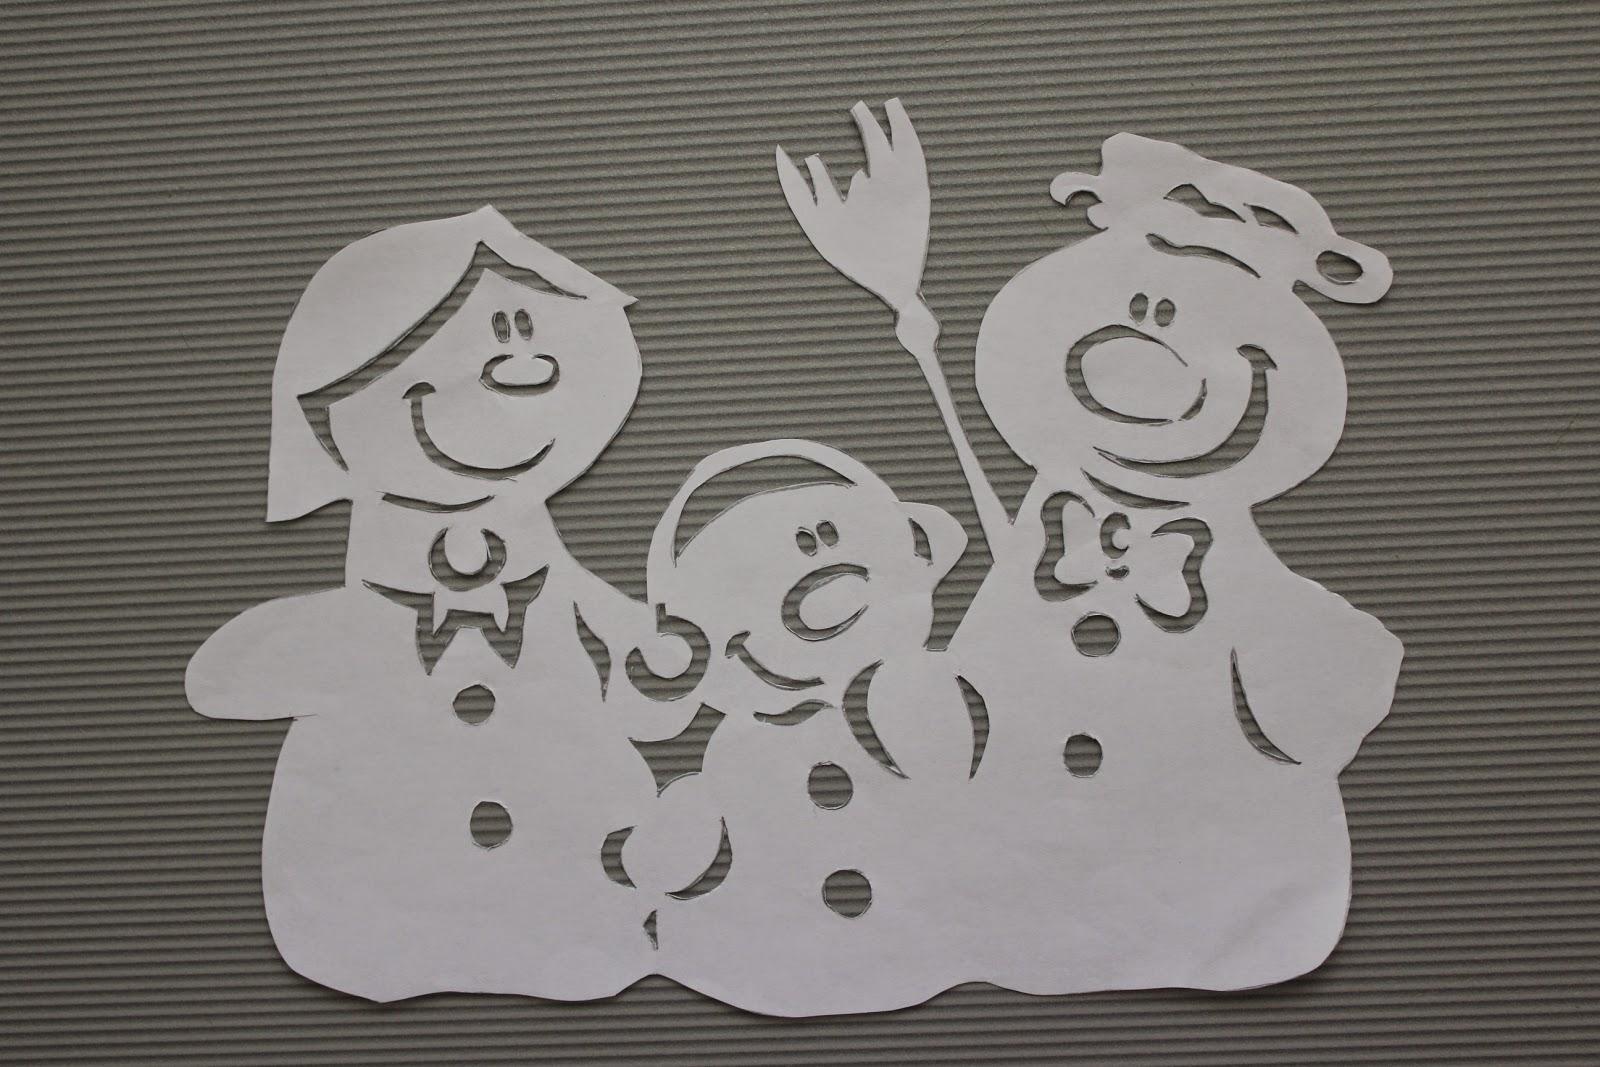 трафарет новогодней игрушки из бумаги собрать и склеить